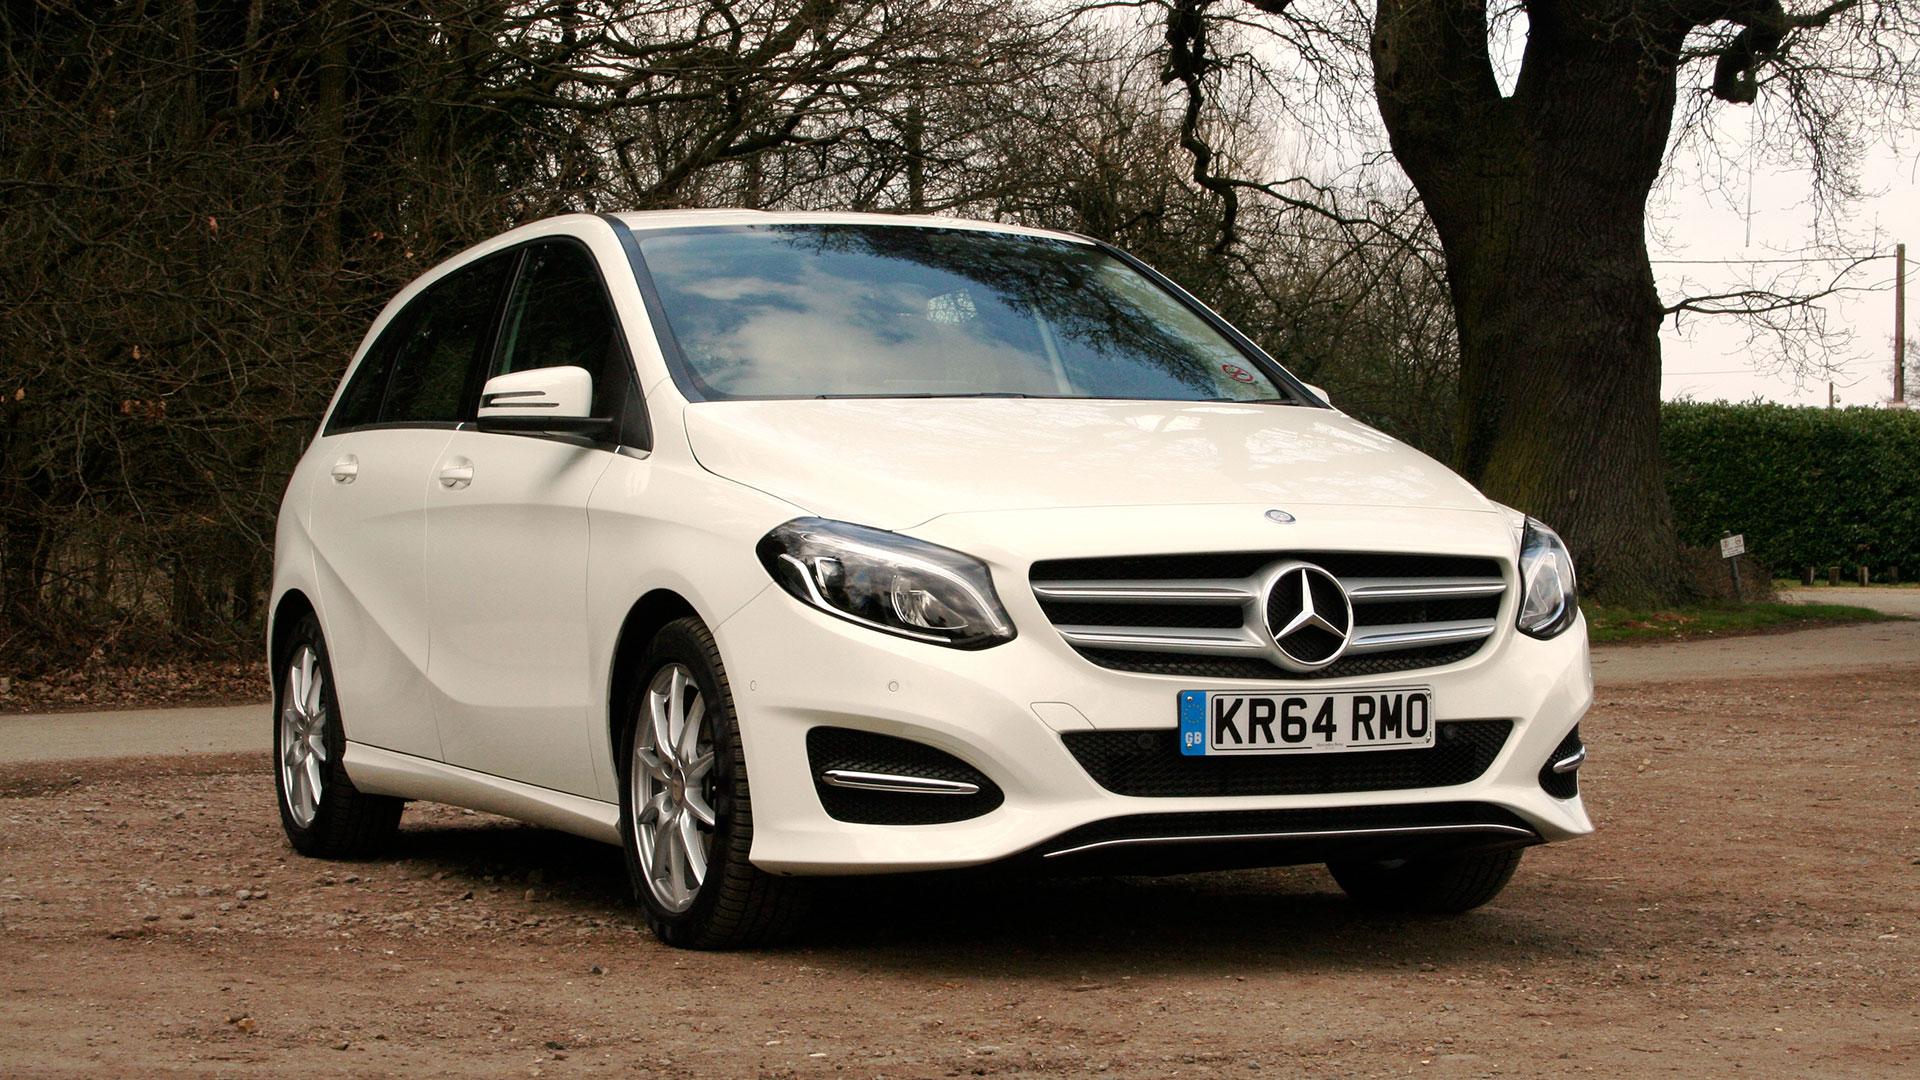 Mercedes B Class : mercedes benz b class hatchback 2011 review auto trader uk ~ Maxctalentgroup.com Avis de Voitures